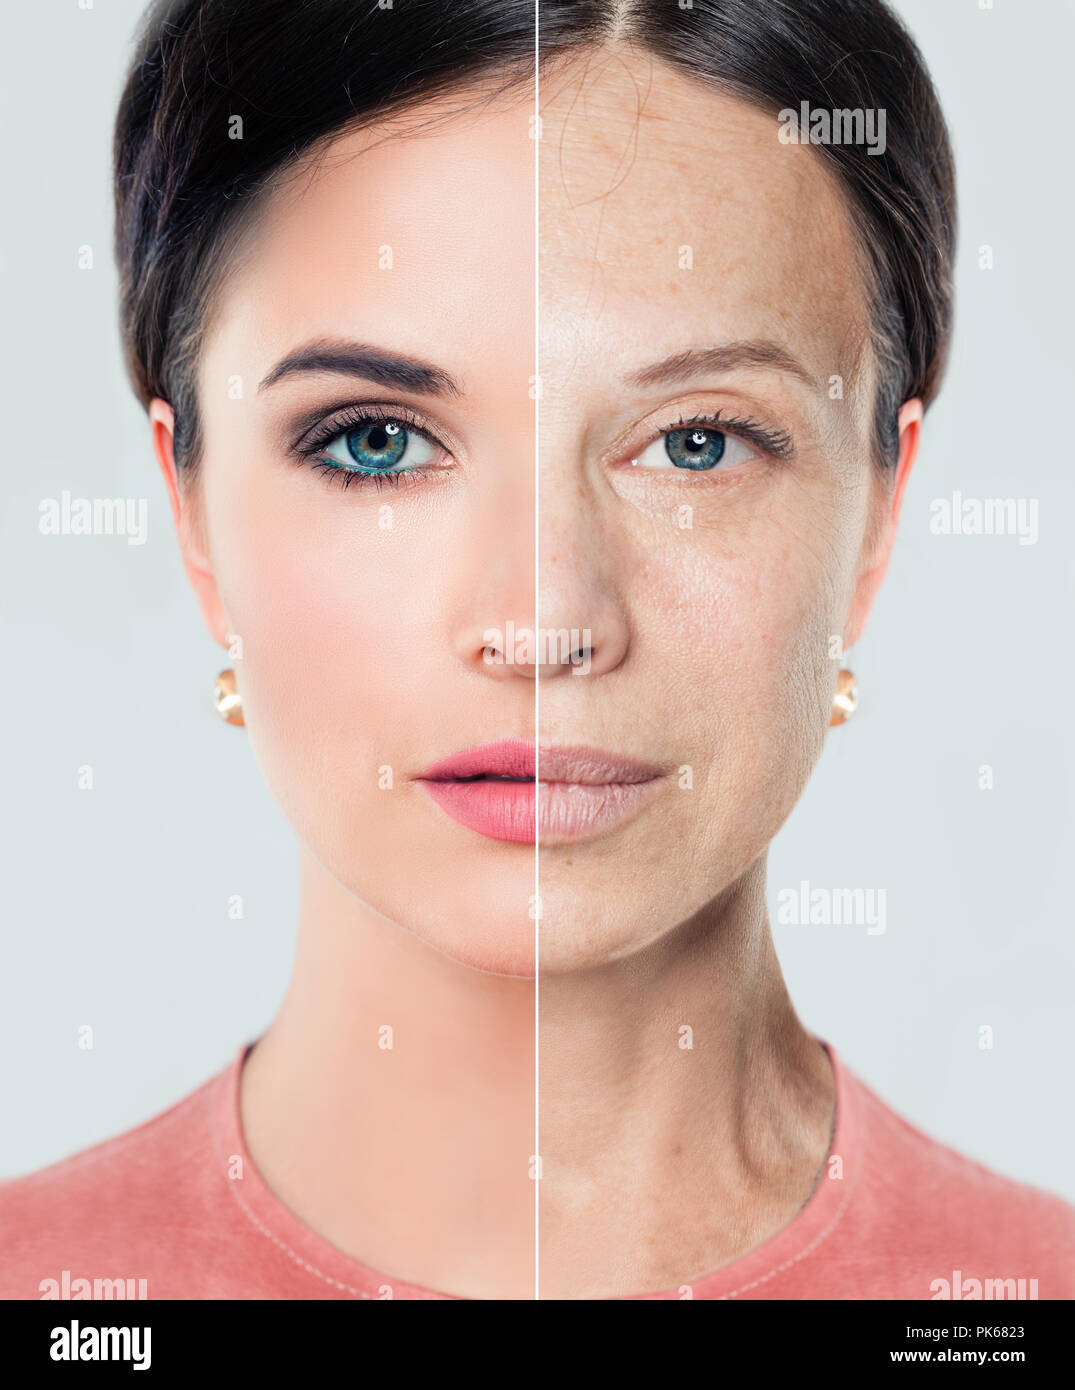 Invecchiamento e concetto della gioventù. Bella donna con problemi e pulire la pelle, i trattamenti di bellezza e di sollevamento. Prima e dopo, della gioventù e della vecchiaia. Processo di ag Immagini Stock